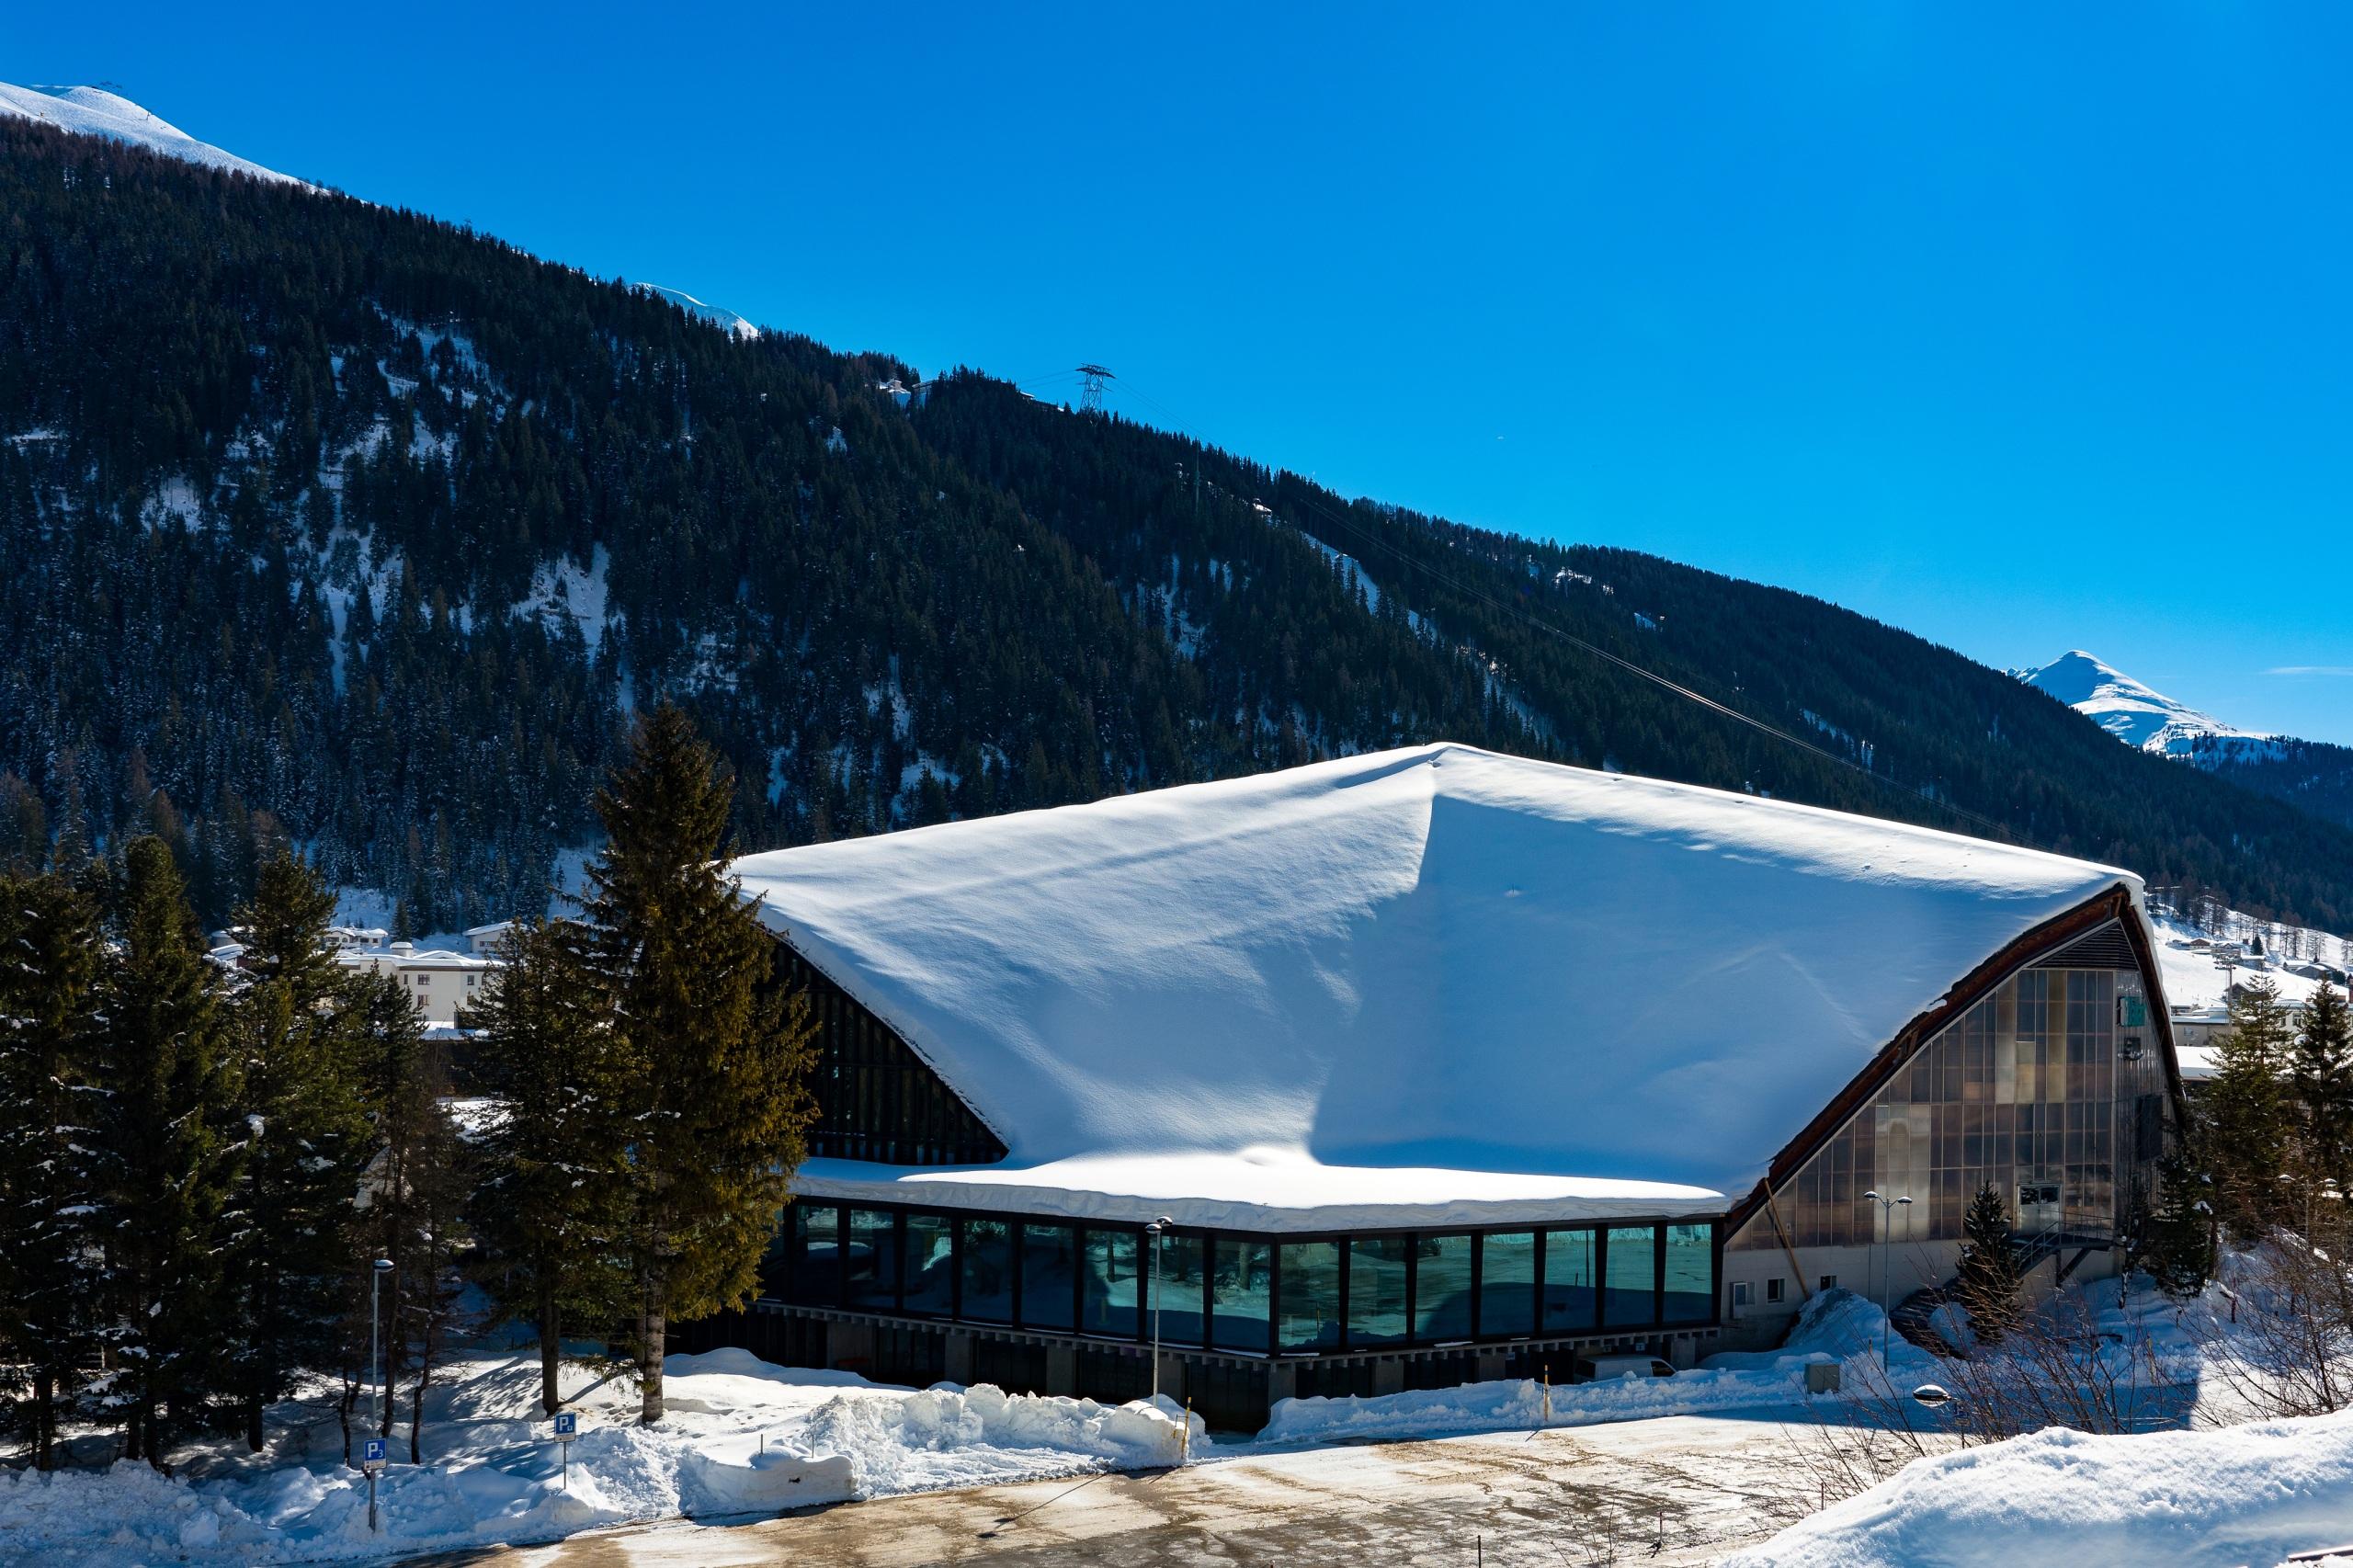 Картинка Швейцария Davos Горы зимние снегу Города Здания 2560x1706 Зима Снег снеге снега Дома